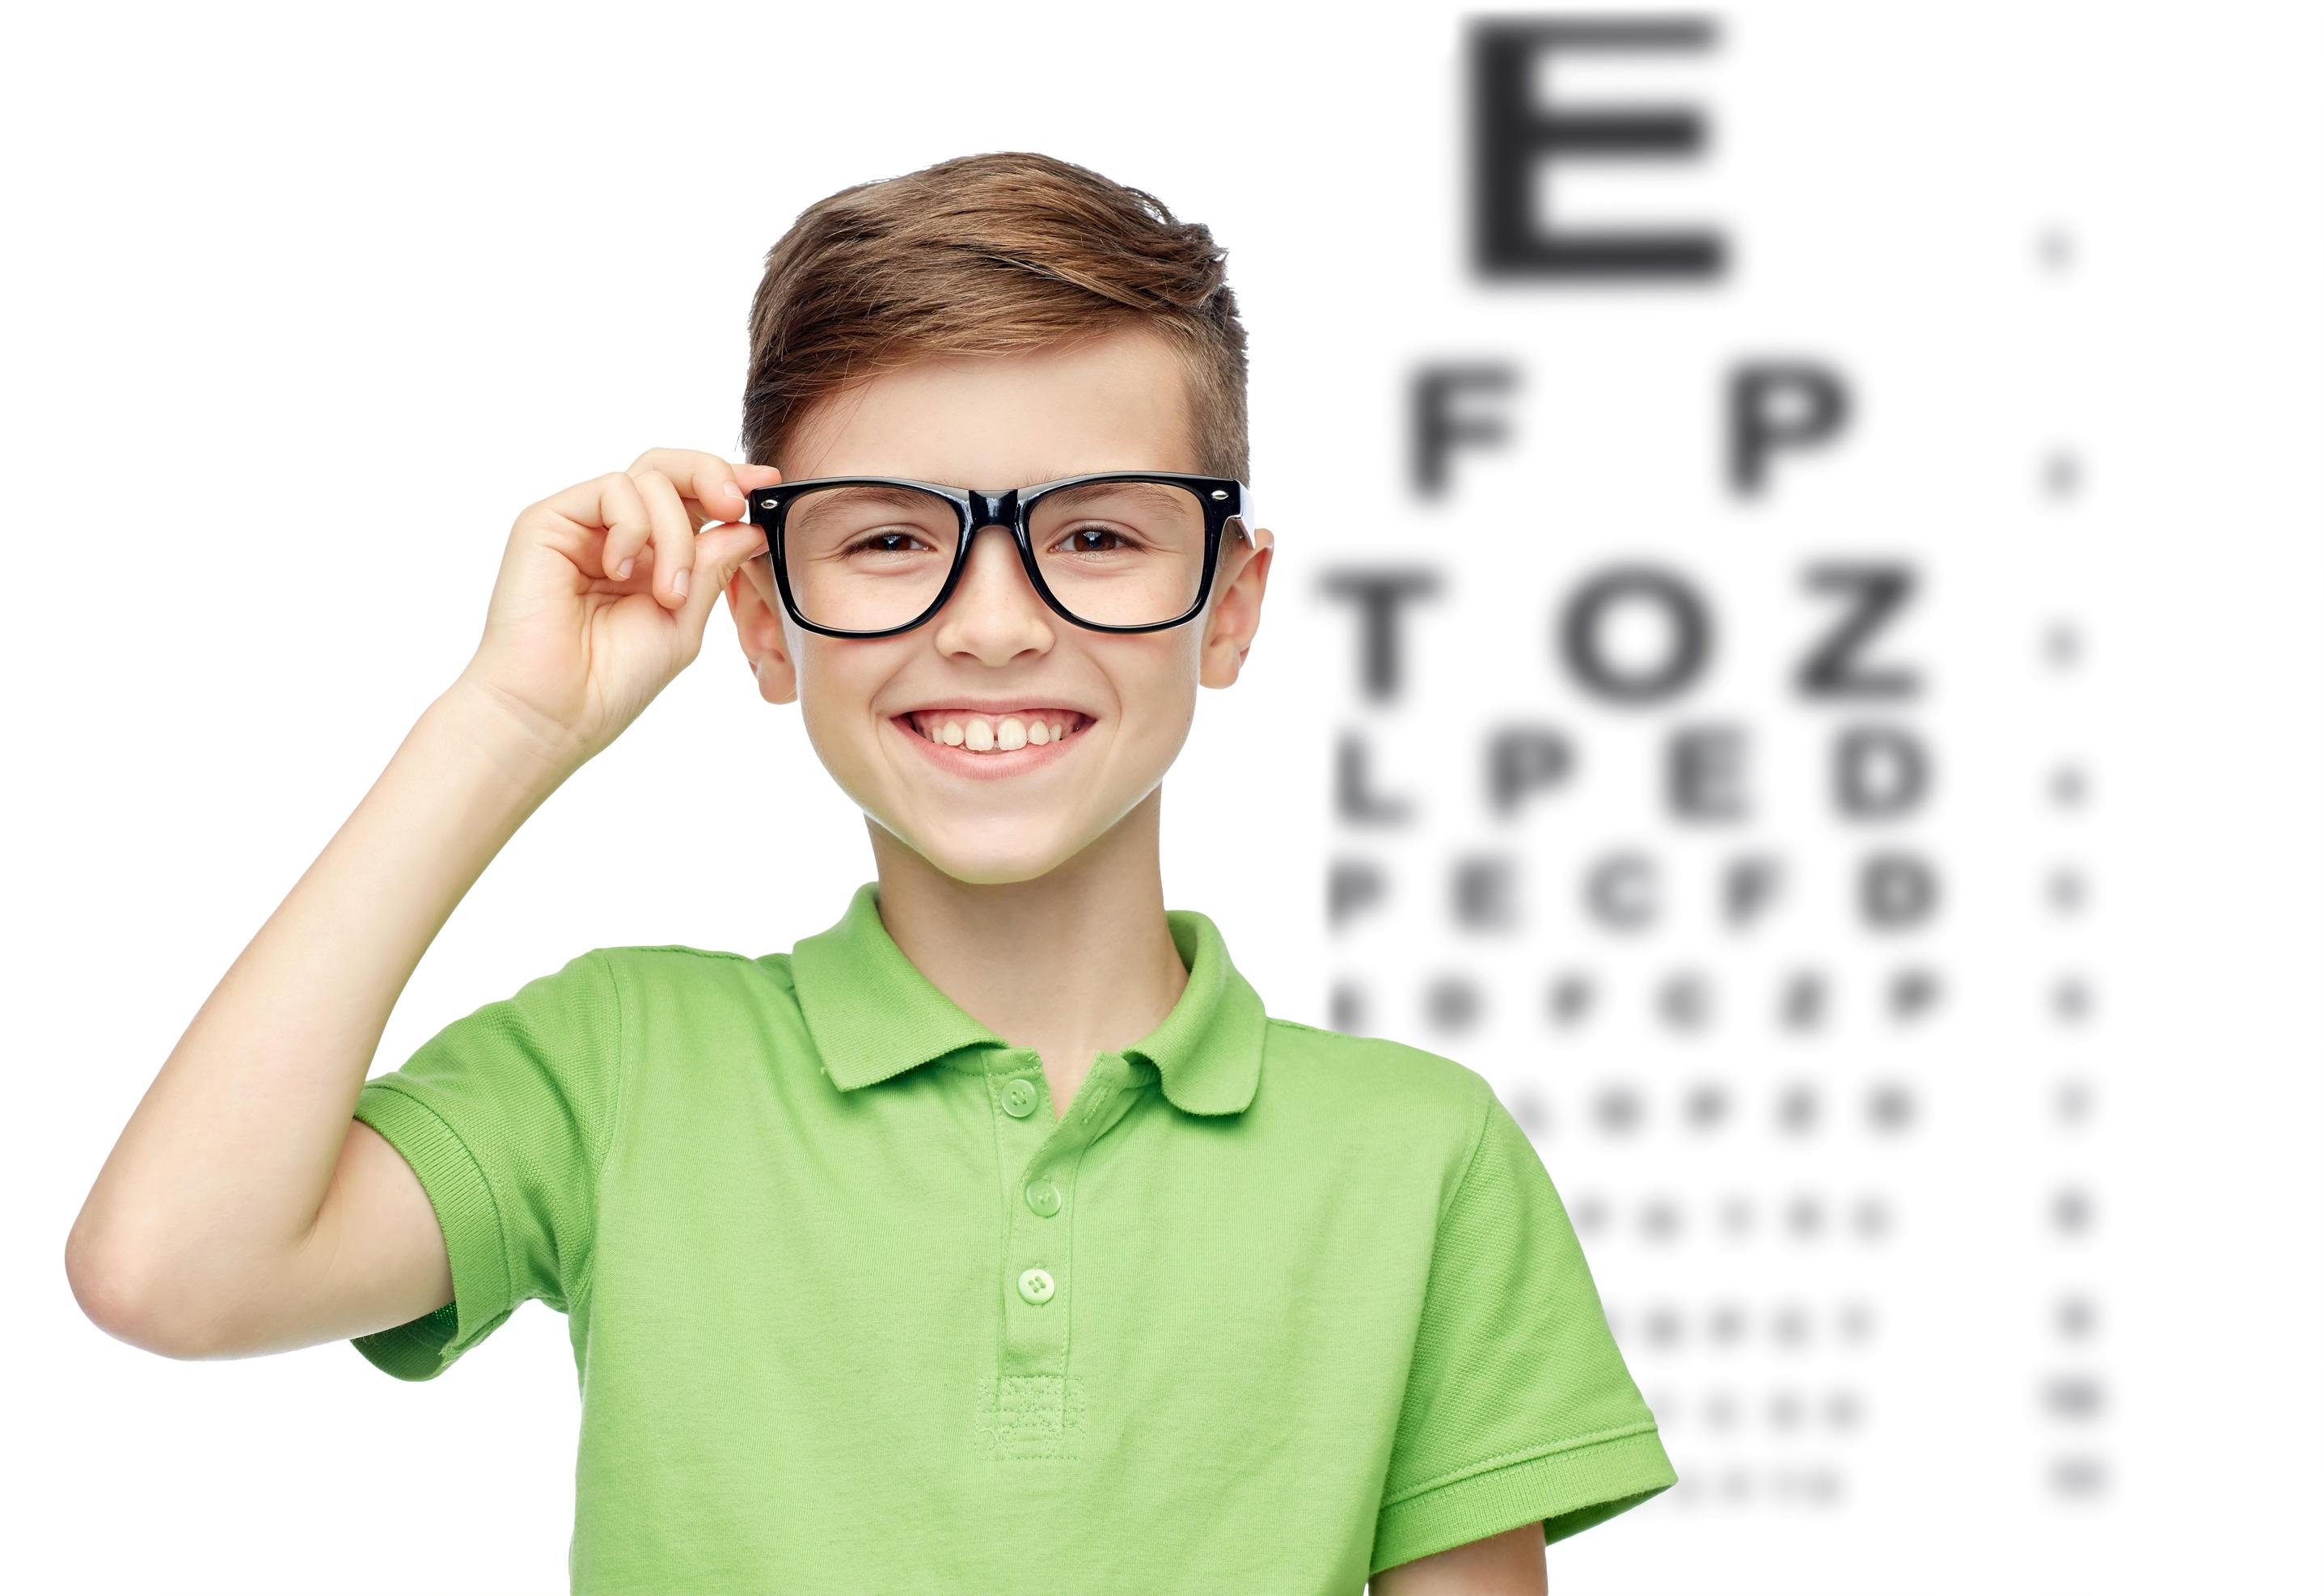 Engem kiürültek rövidlátó szemüveg viselésére)